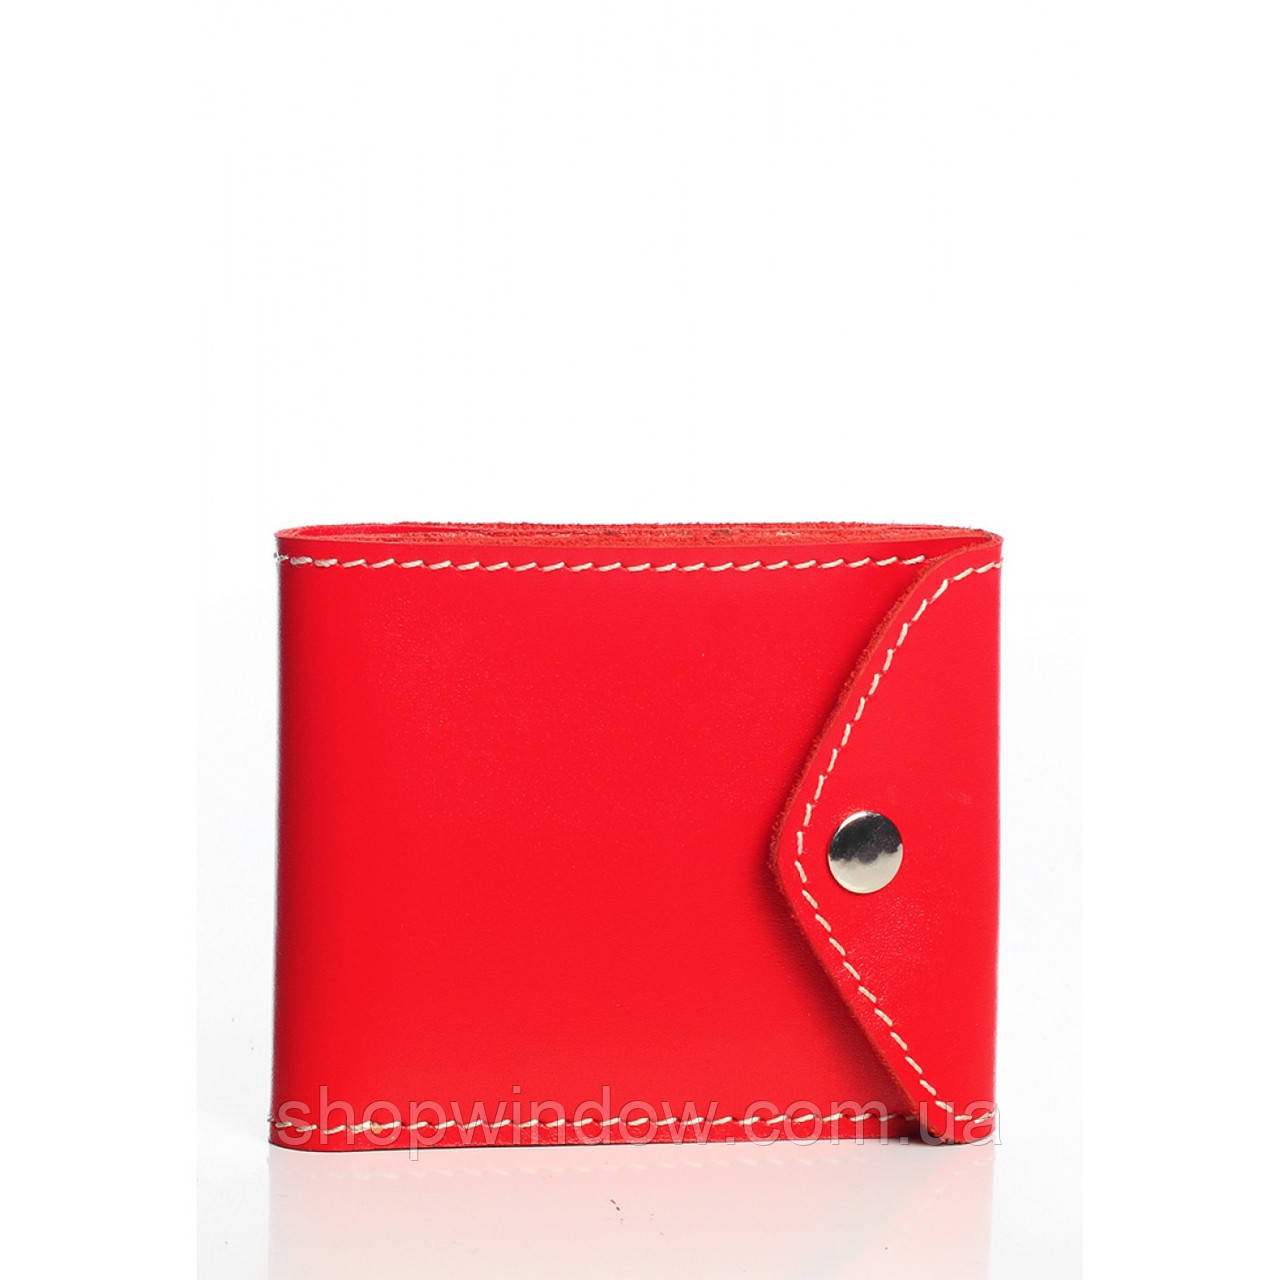 1c8e691b2733 Модный кошелек. Стильный кошелёк. Женские кошельки кожаные. Кошелек женский.